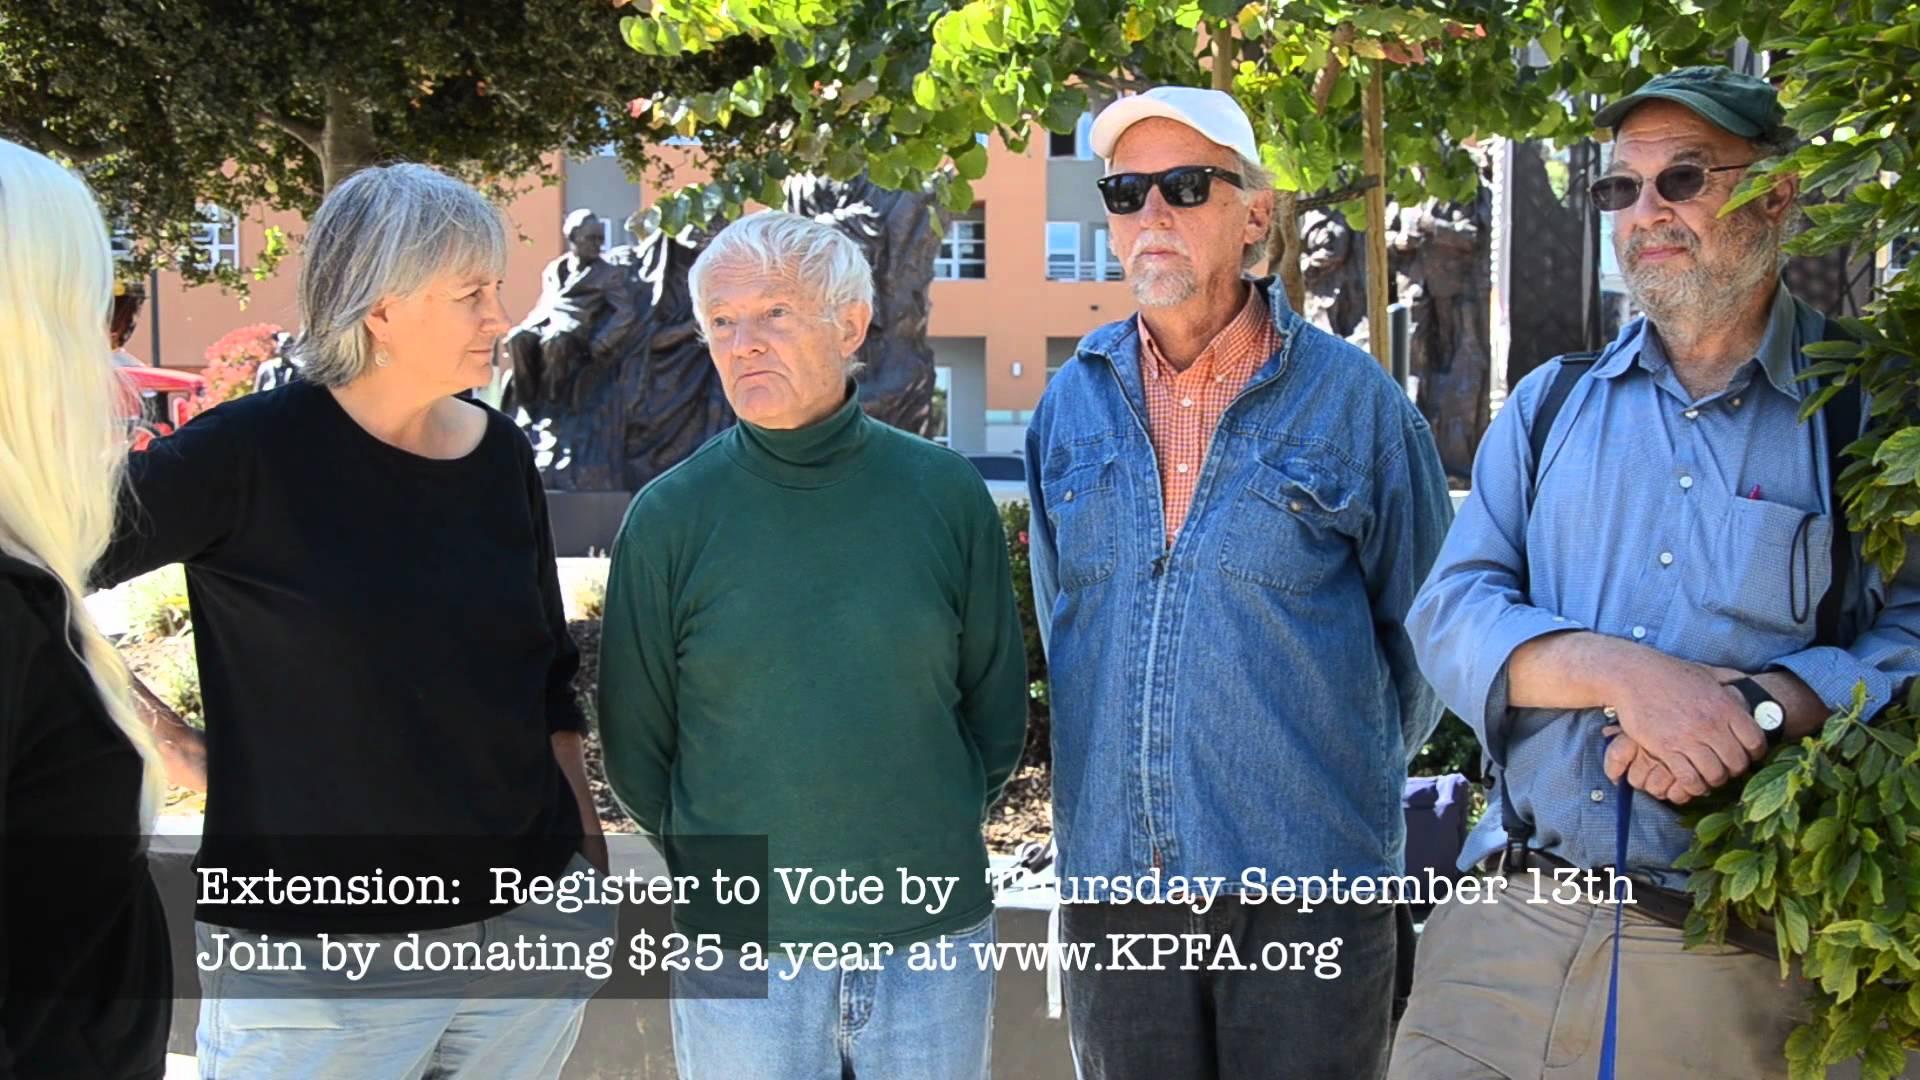 Ocuppys-Stake-in-KPFAs-Board-Election